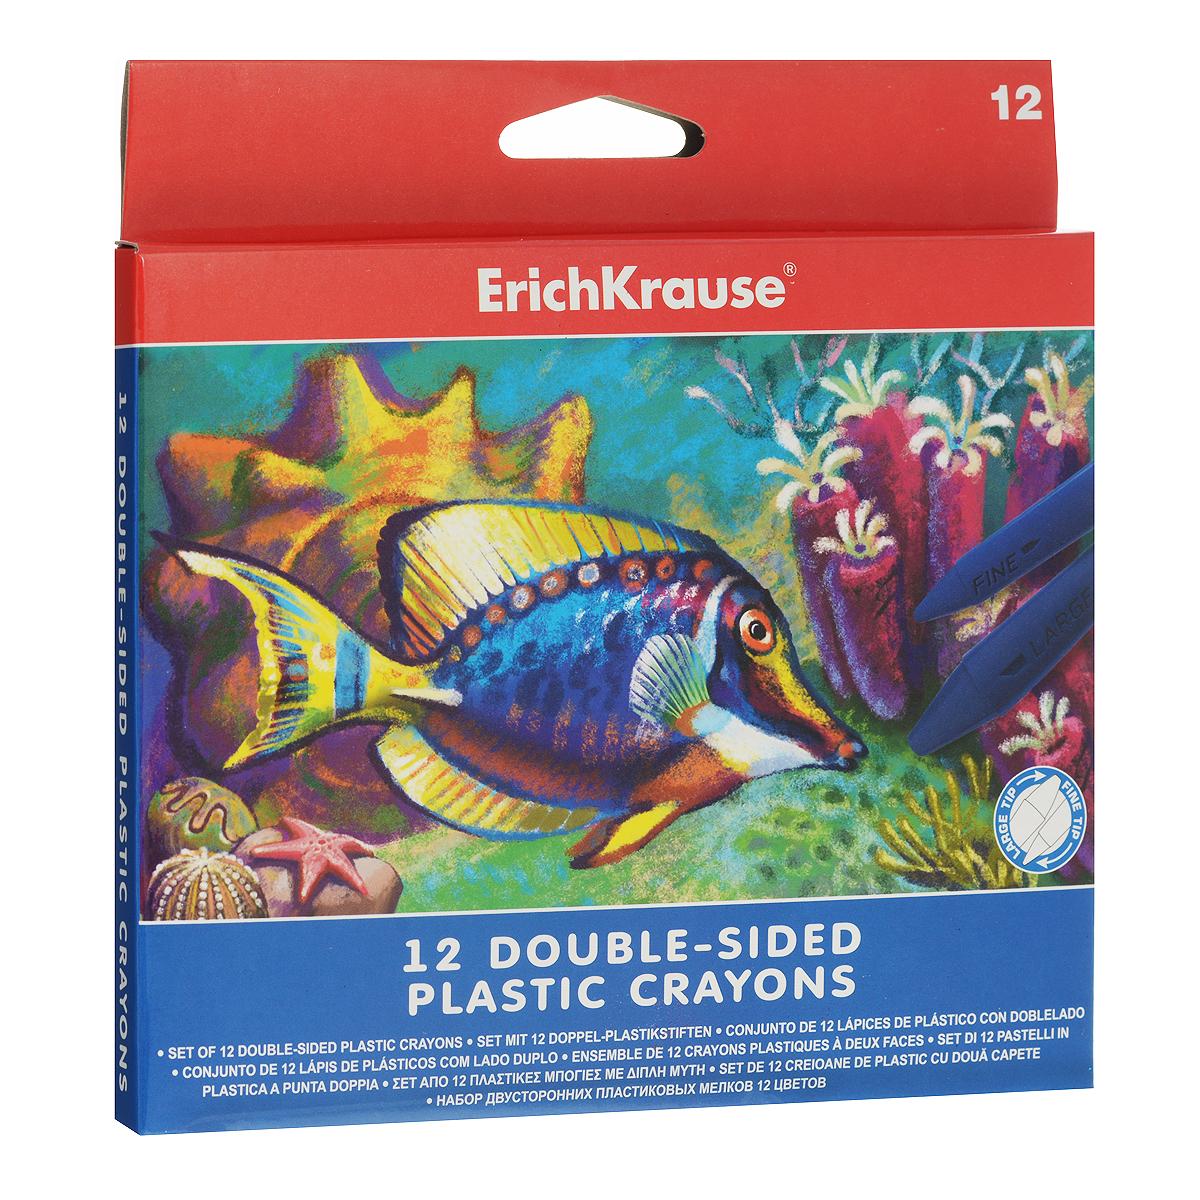 Двусторонние мелки Erich Krause, 12 цветов34928Двусторонние мелки Erich Krause помогут вашему маленькому художнику раскрыть свой талант. В набор входят 12 цветных мелков (желтый, оранжевый, розовый, красный, коричневый, салатовый, зеленый, голубой, синий, светло-фиолетовый, фиолетовый, черный). Мелками очень удобно пользоваться: с одной стороны имеется широкий наконечник для быстрого раскрашивания, а с другой - узкий наконечник для тонких линий. Их не нужно точить, кроме того, они водоустойчивы. Мелки помогут малышу развить мелкую моторику рук, координацию движений, цветовое восприятие, воображение и творческое мышление.